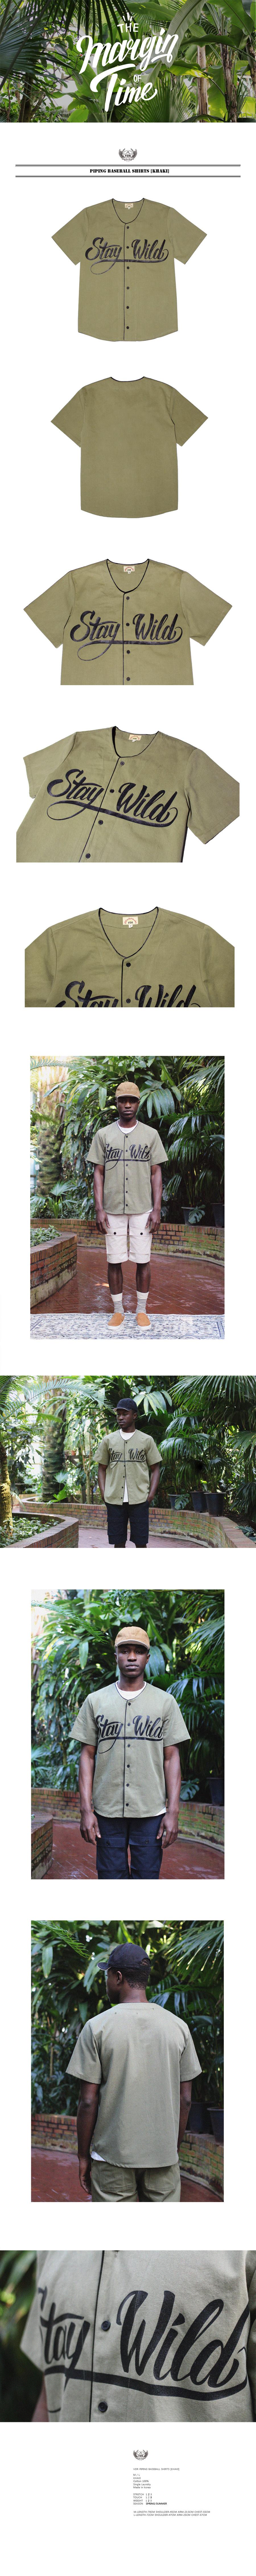 비디알(VDR) 파이핑 베이스볼 셔츠[카키]